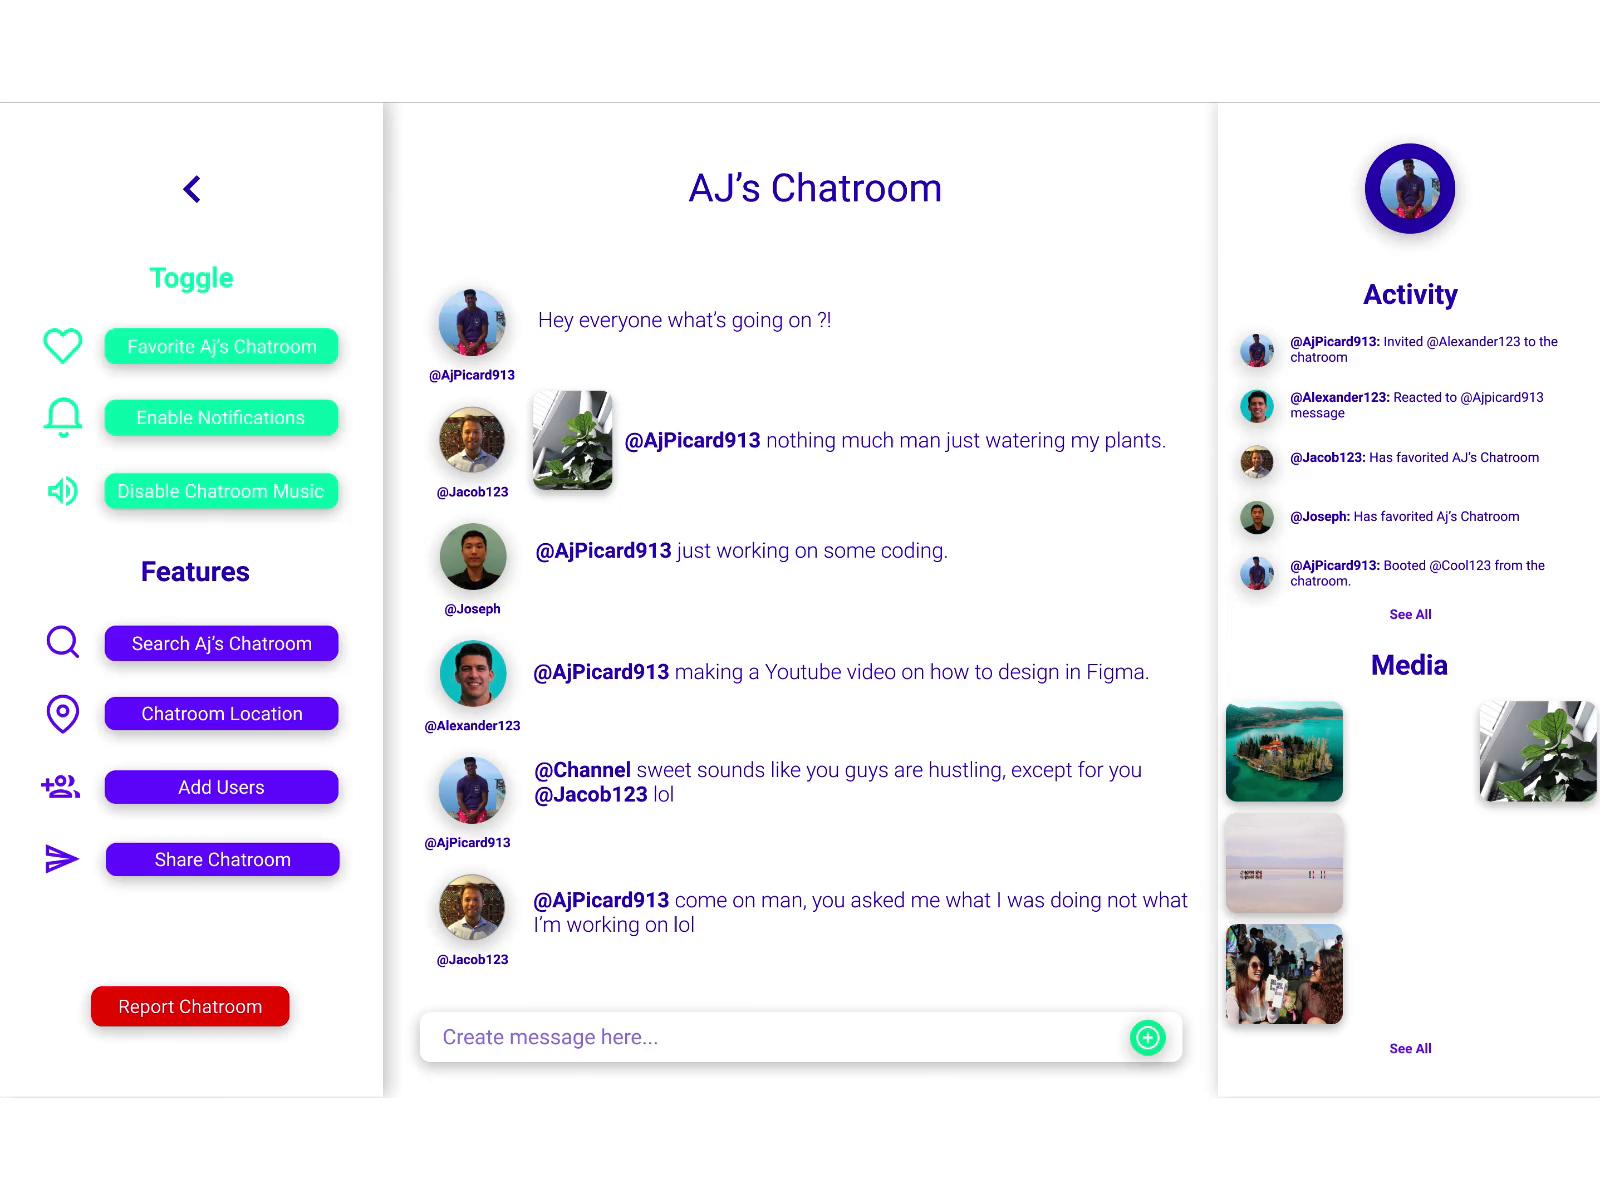 Chatroomweb